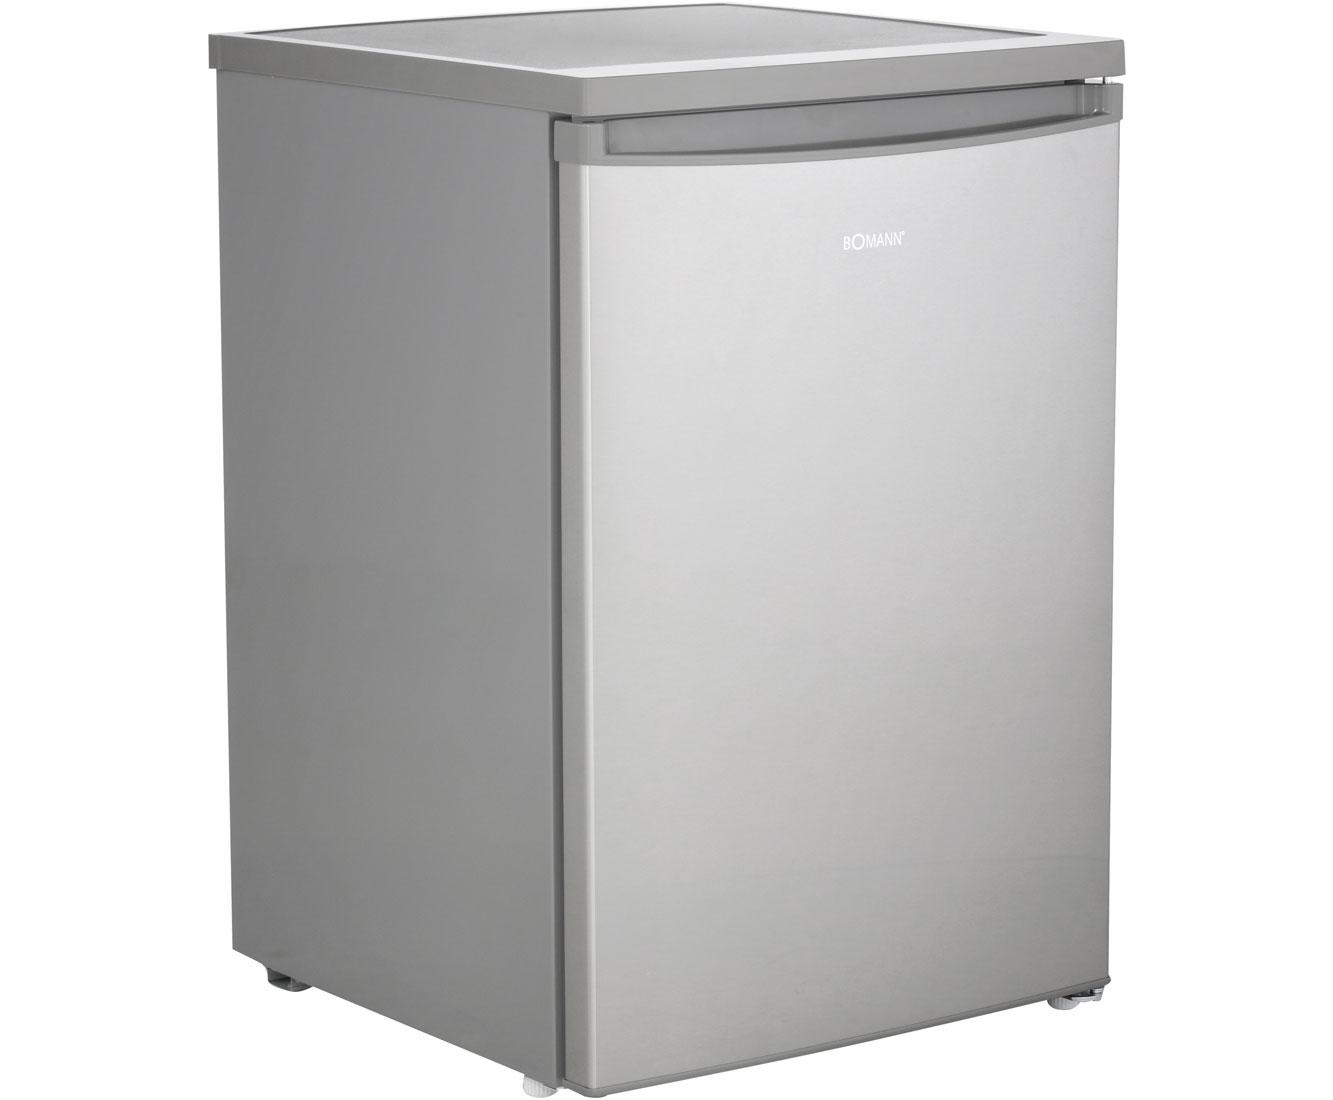 Bomann Kühlschrank Garantie : Bomann vs kühlschrank edelstahl optik a